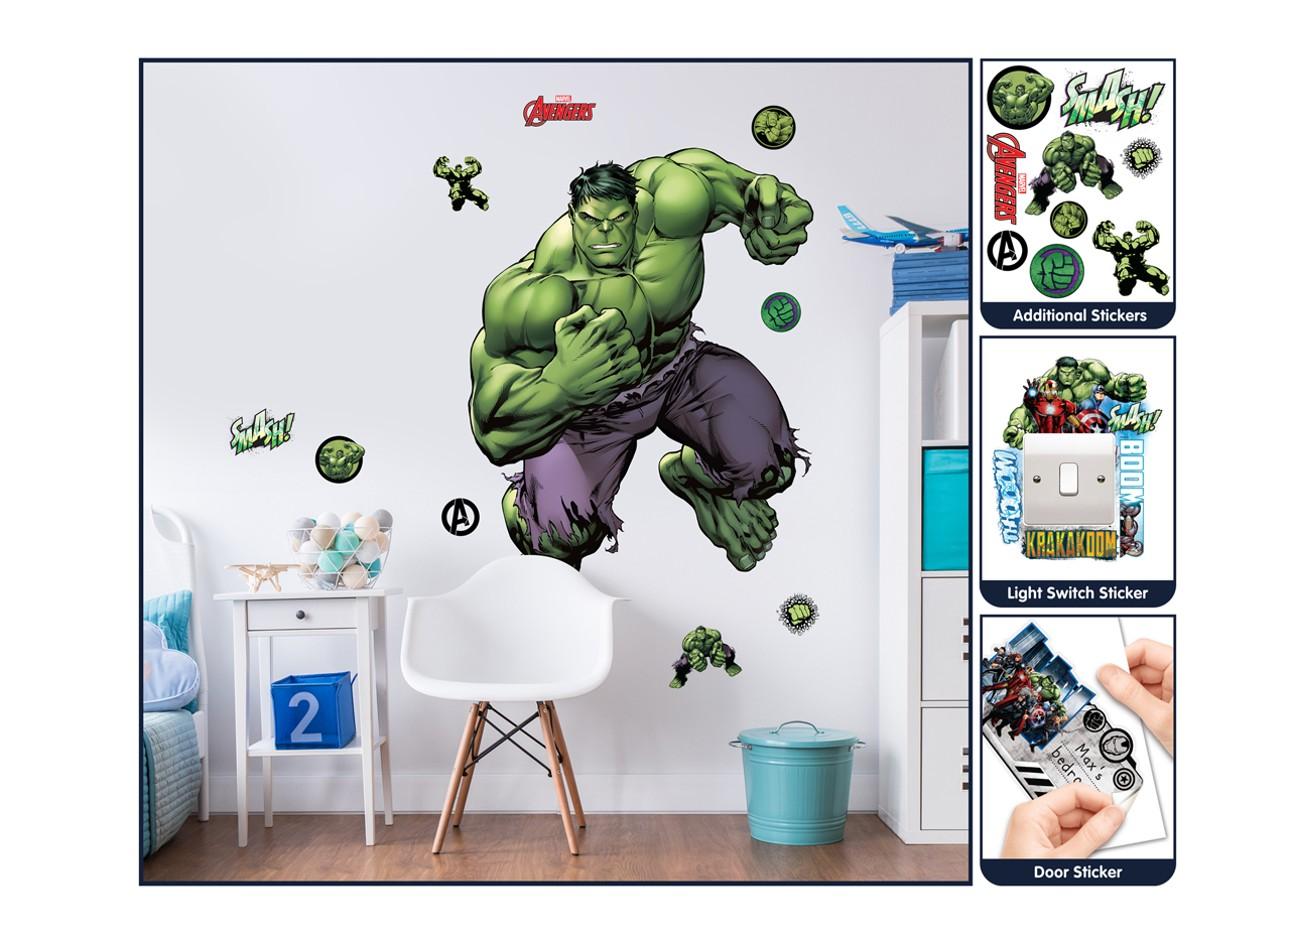 Samolepicí dekorace Walltastic Hulk 44289 (Sada samolepek do dětského pokoje)